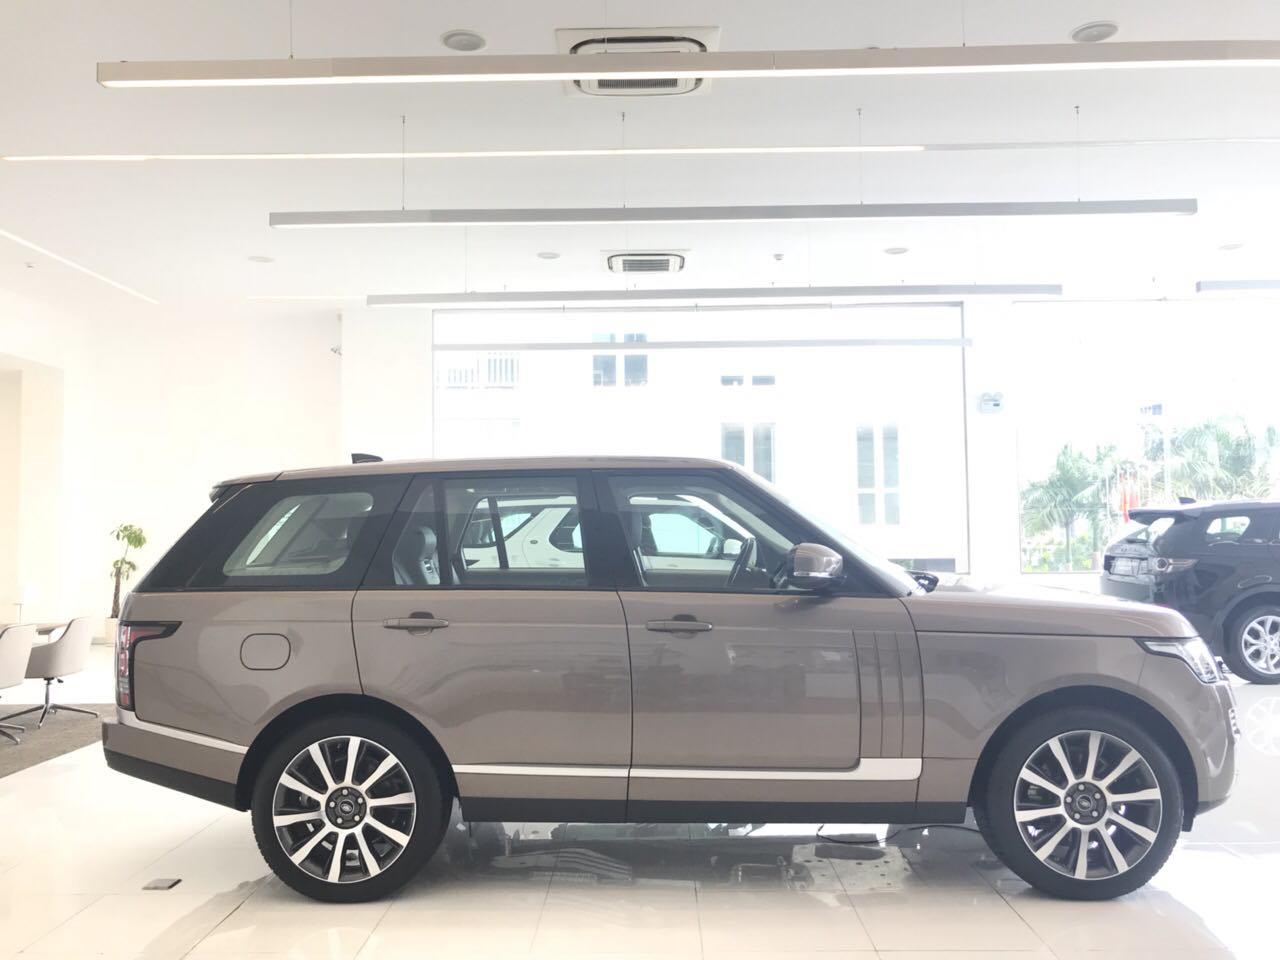 Giá Xe Range Rover Động Cơ Xăng Supercharged Đời Mới Màu Vàng Ánh Kim Model 2018, Xe Range Rover LWB Đời Mới 2019 Nhập khẩu nguyên chiếc và chính hãng tại việt nam